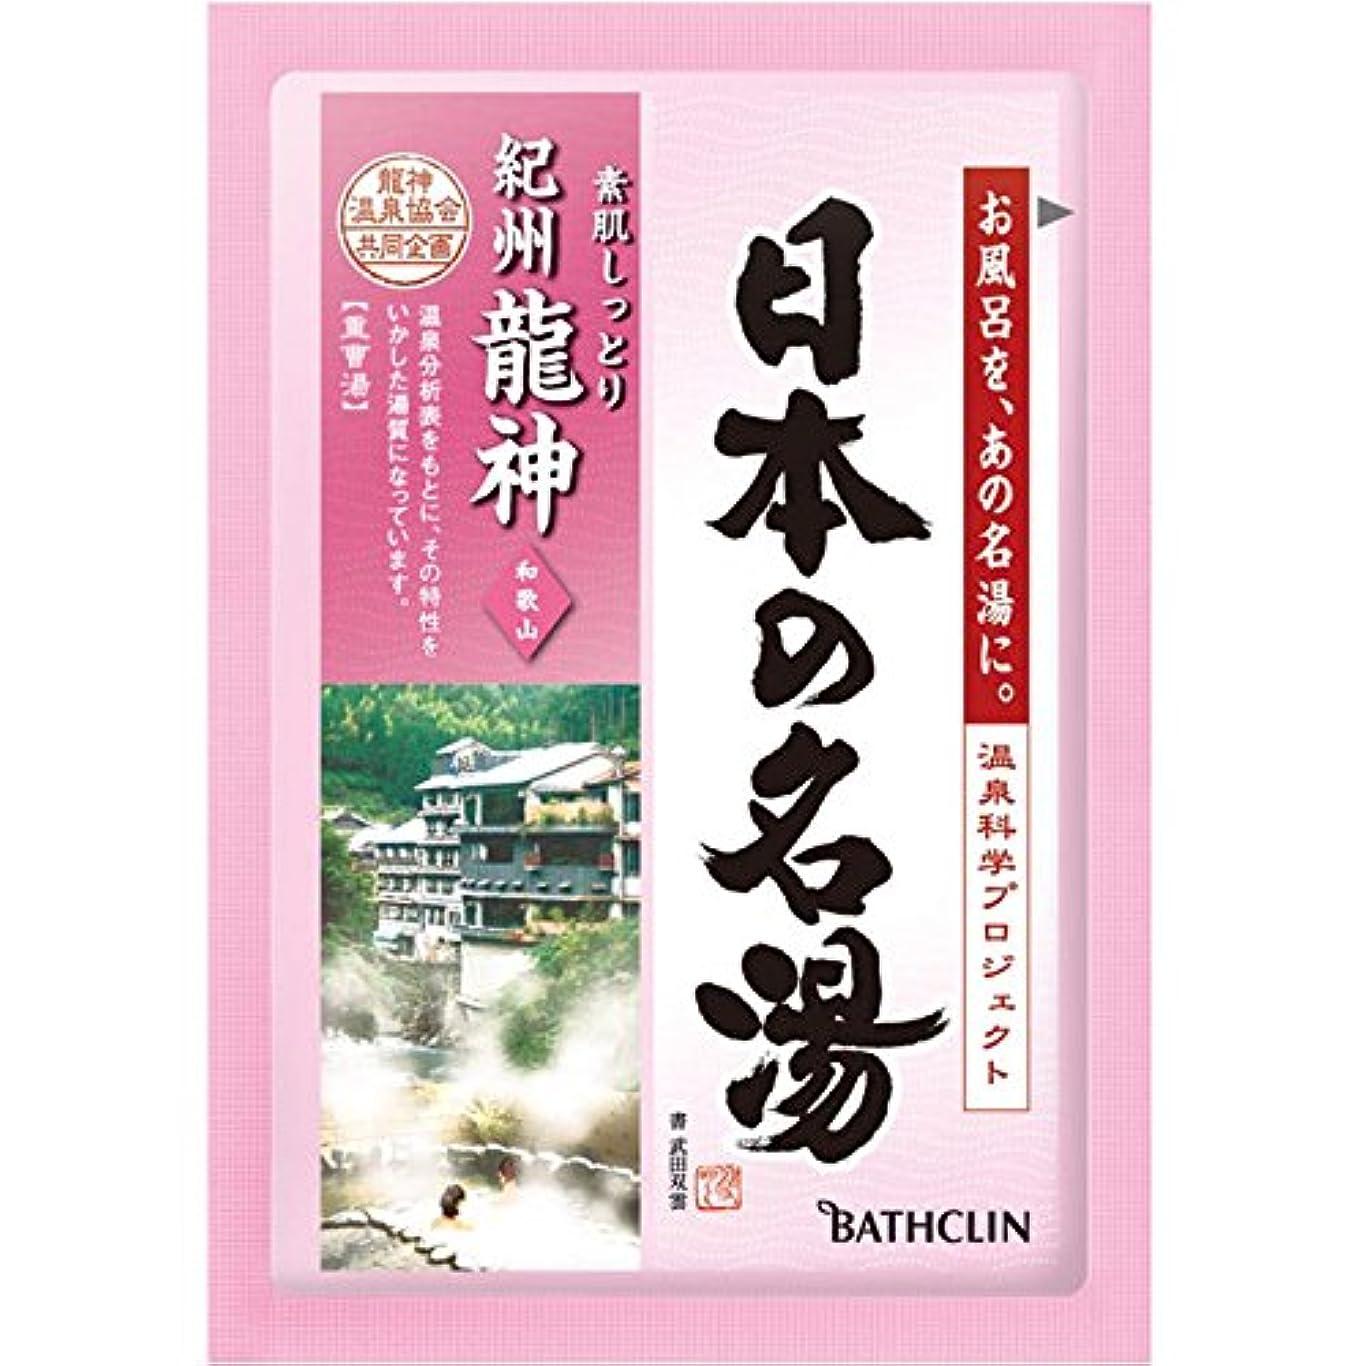 自分のために欠伸矢印バスクリン 日本の名湯 紀州龍神 30g